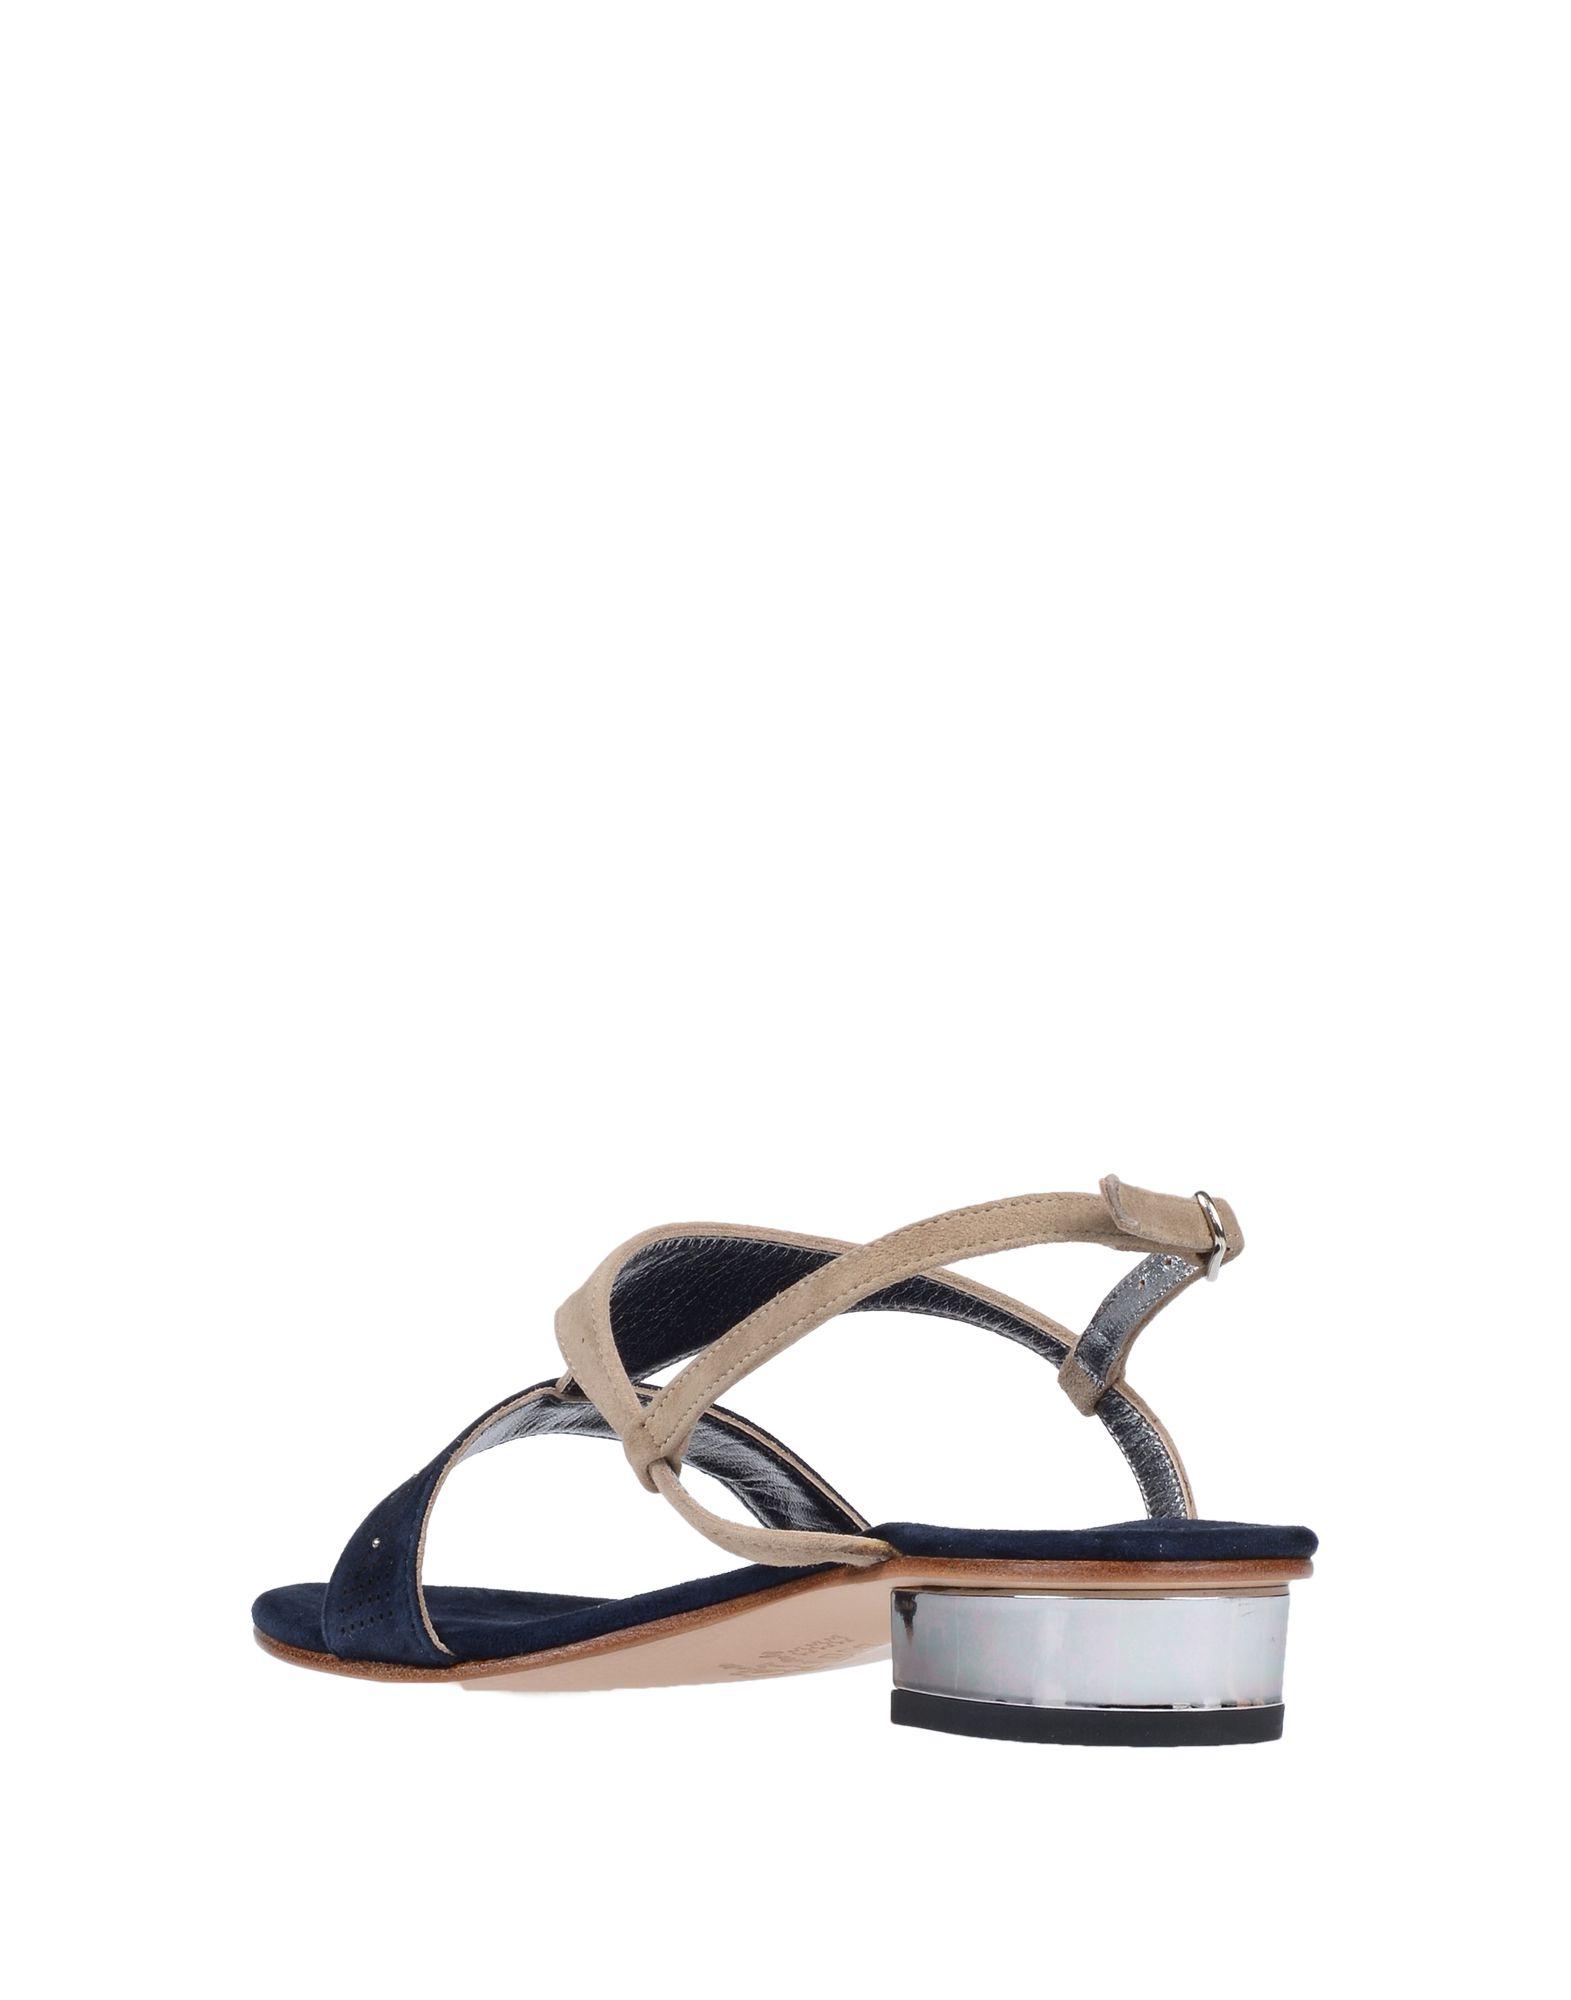 peserico sandales - femmes peserico sandales en ligne sur sur sur canada - 11578782lw 25b0d7